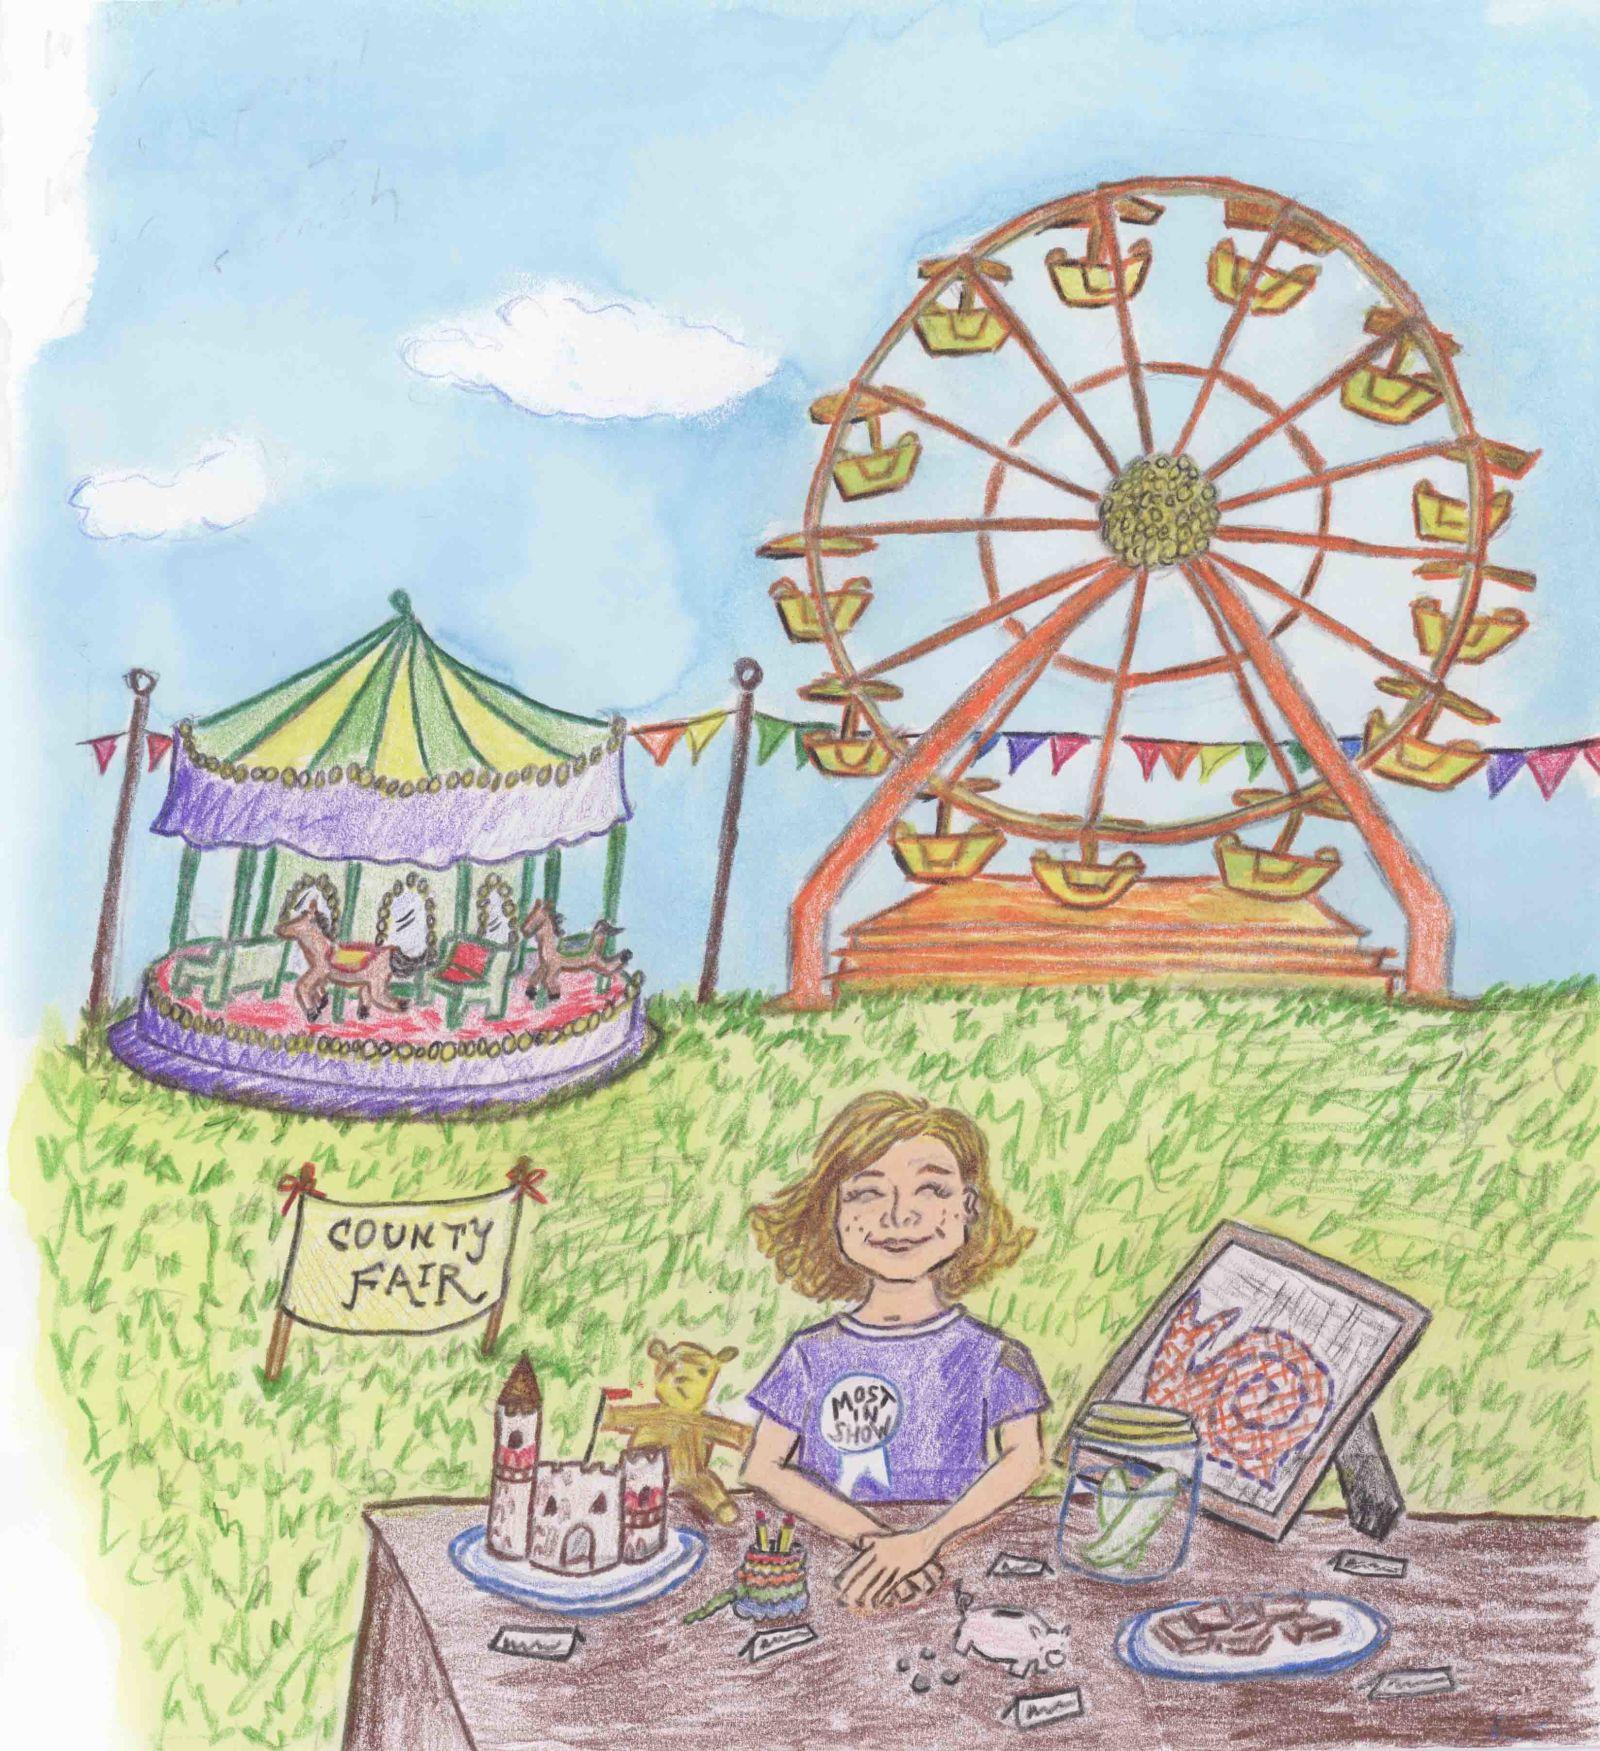 gallery-1440173878-county-fair.jpg